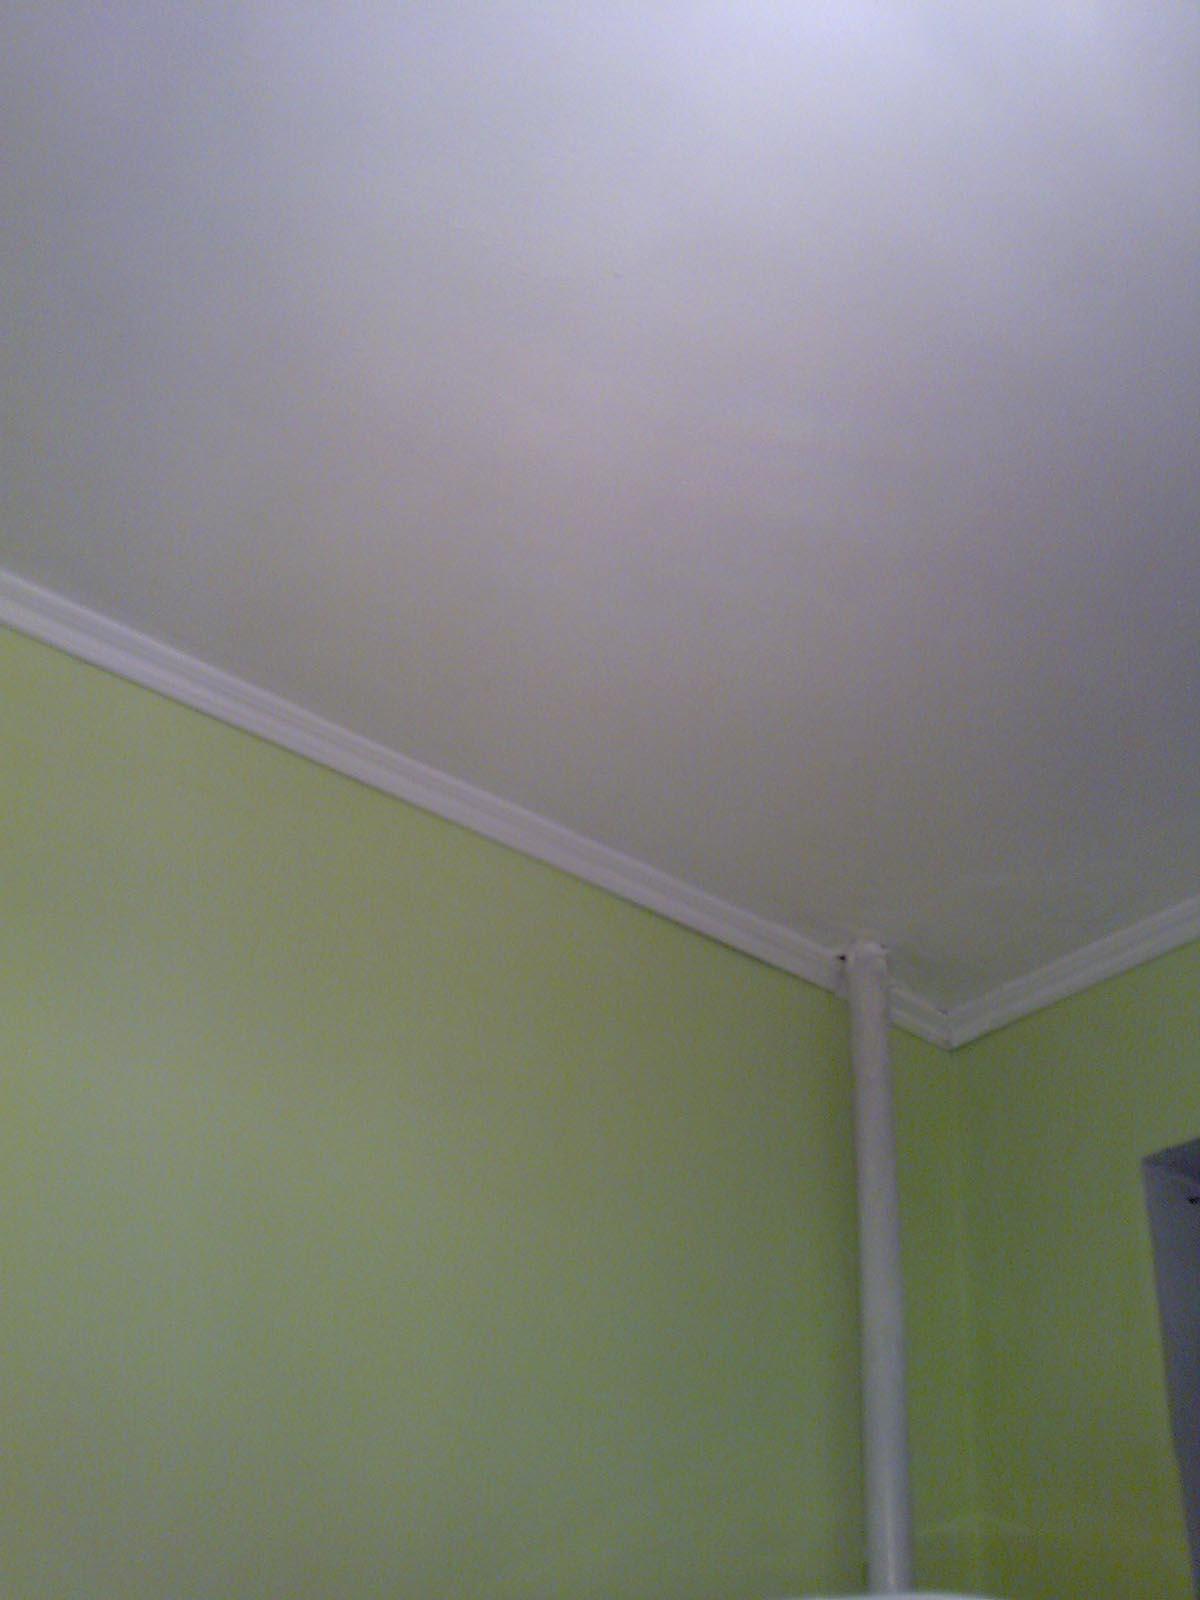 Для покраски потолка какая краска лучше акриловая или латексная цена наливной пол ветонит 6000